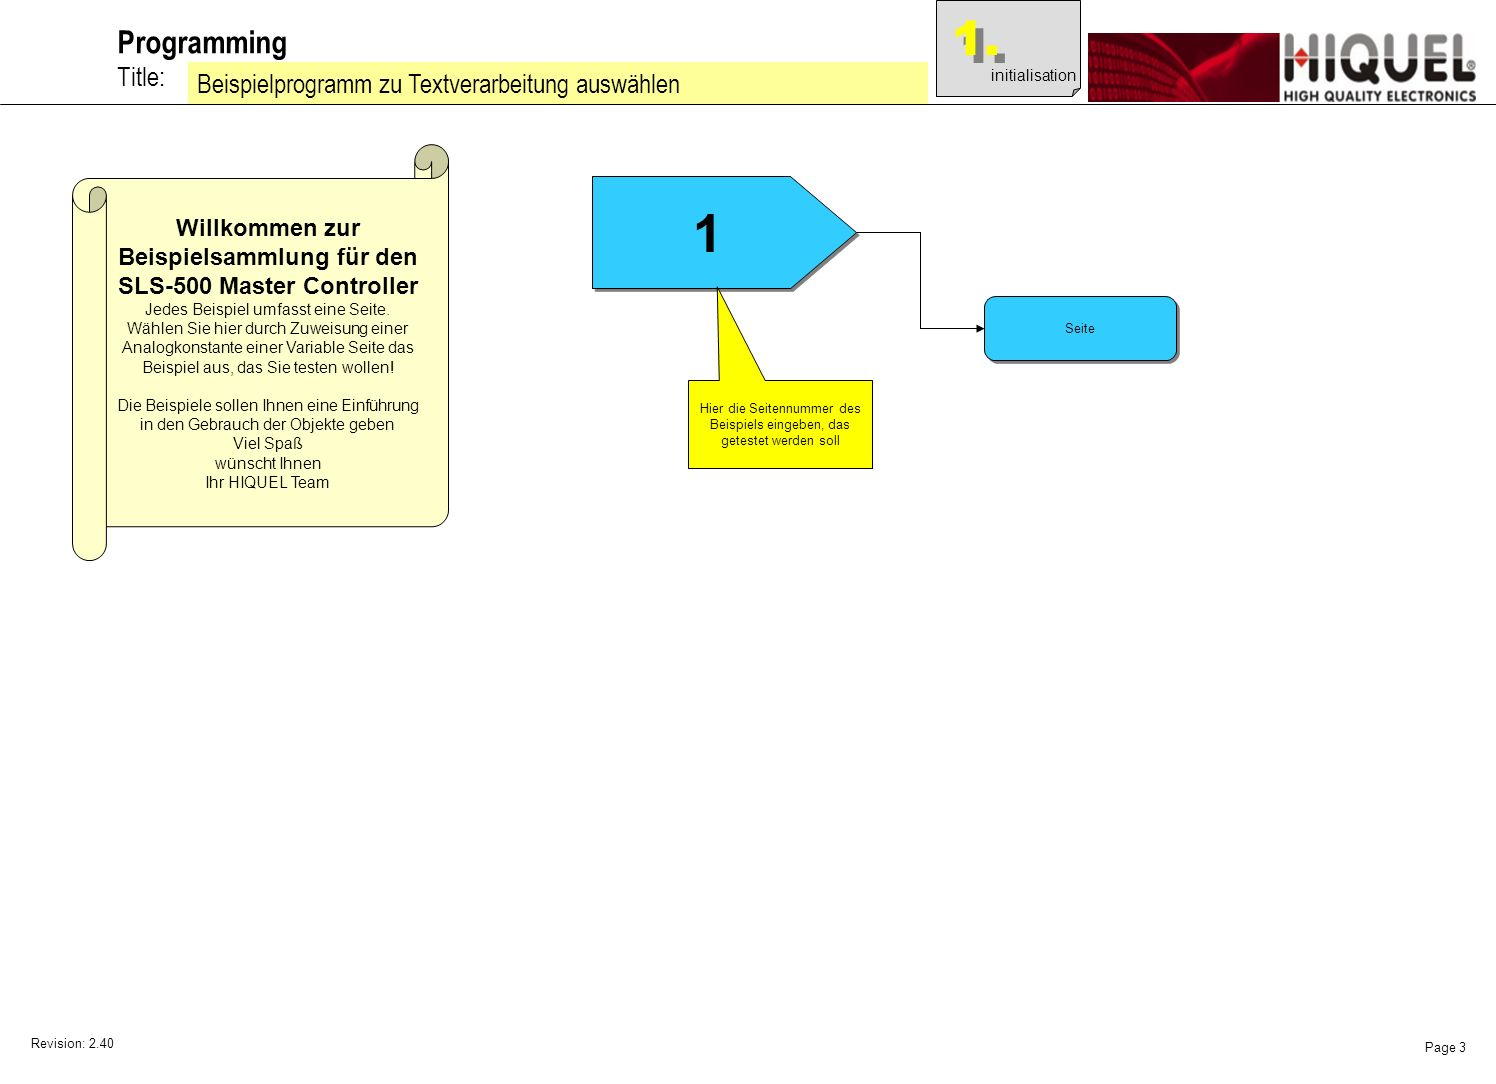 Revision: 2.40 Page 3 Title: Programming Beispielprogramm zu Textverarbeitung auswählen Willkommen zur Beispielsammlung für den SLS-500 Master Controller Jedes Beispiel umfasst eine Seite.